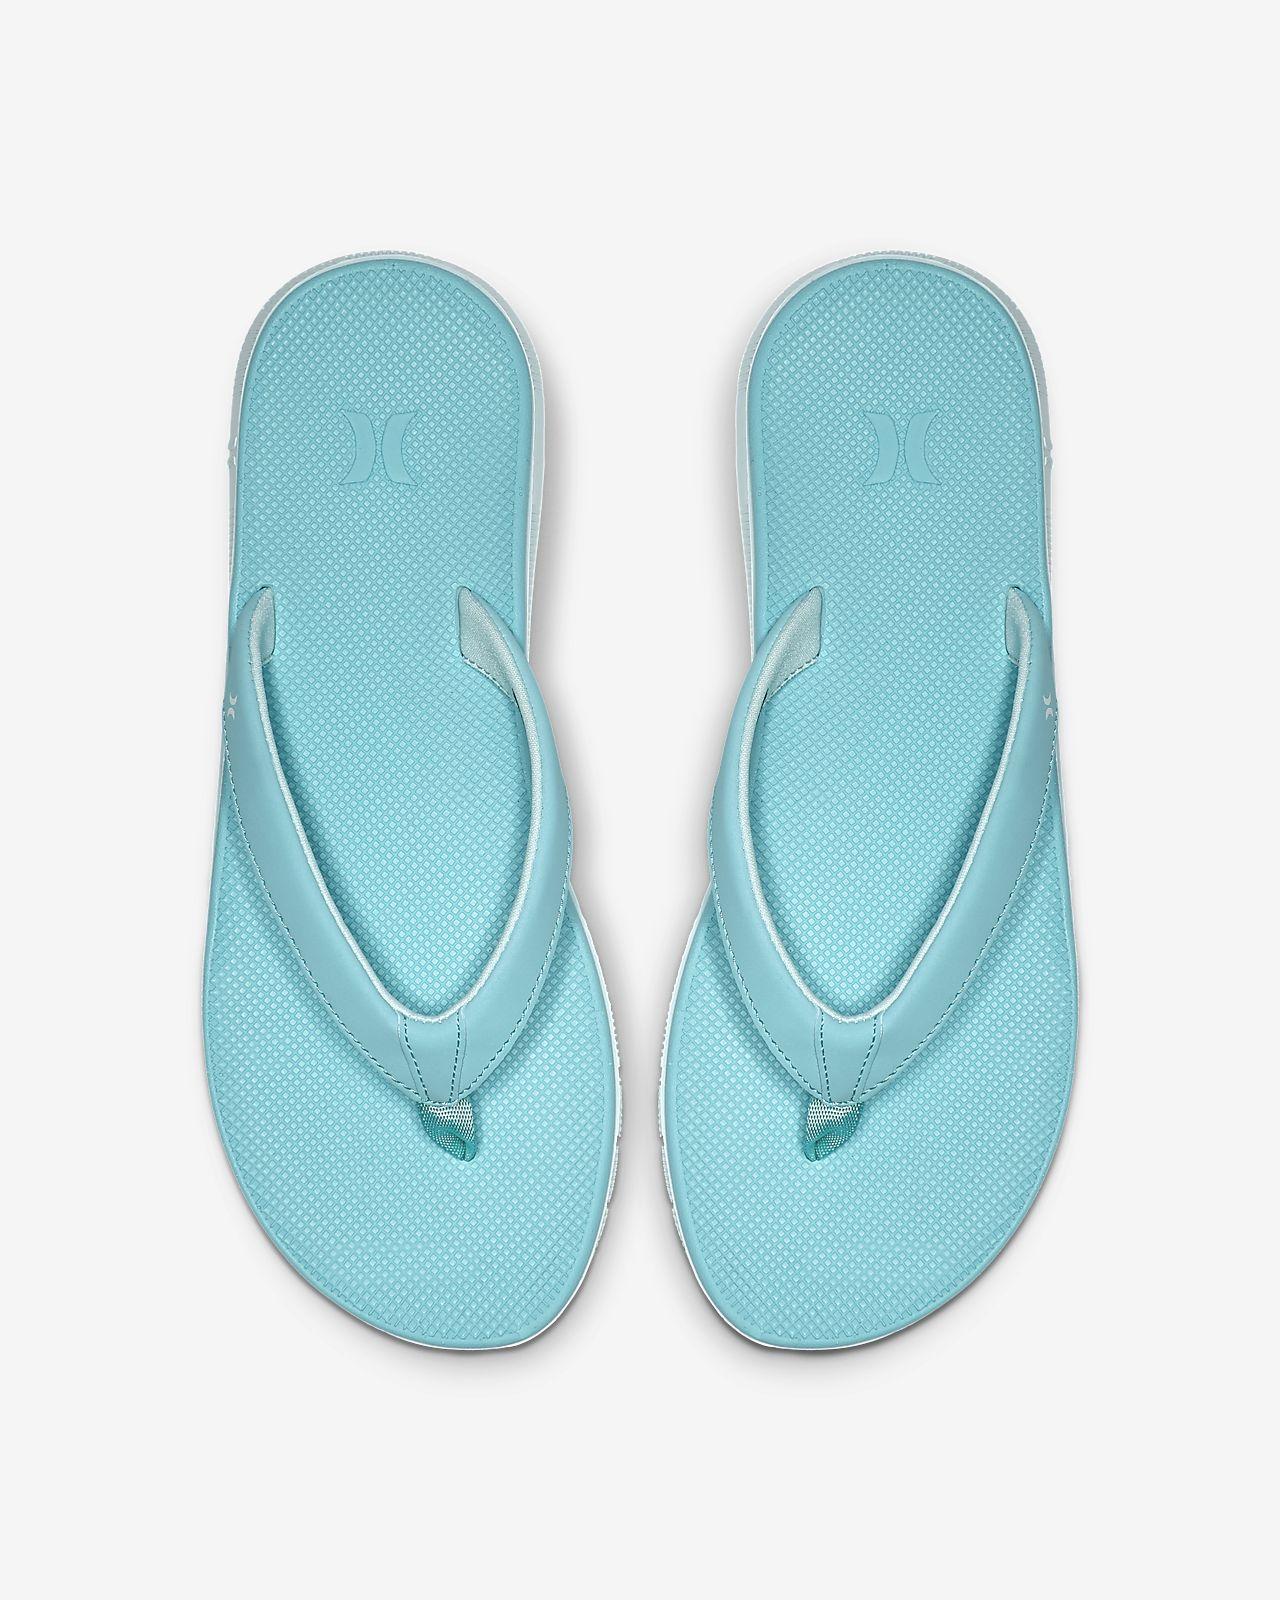 Hurley Flex Women's Sandal